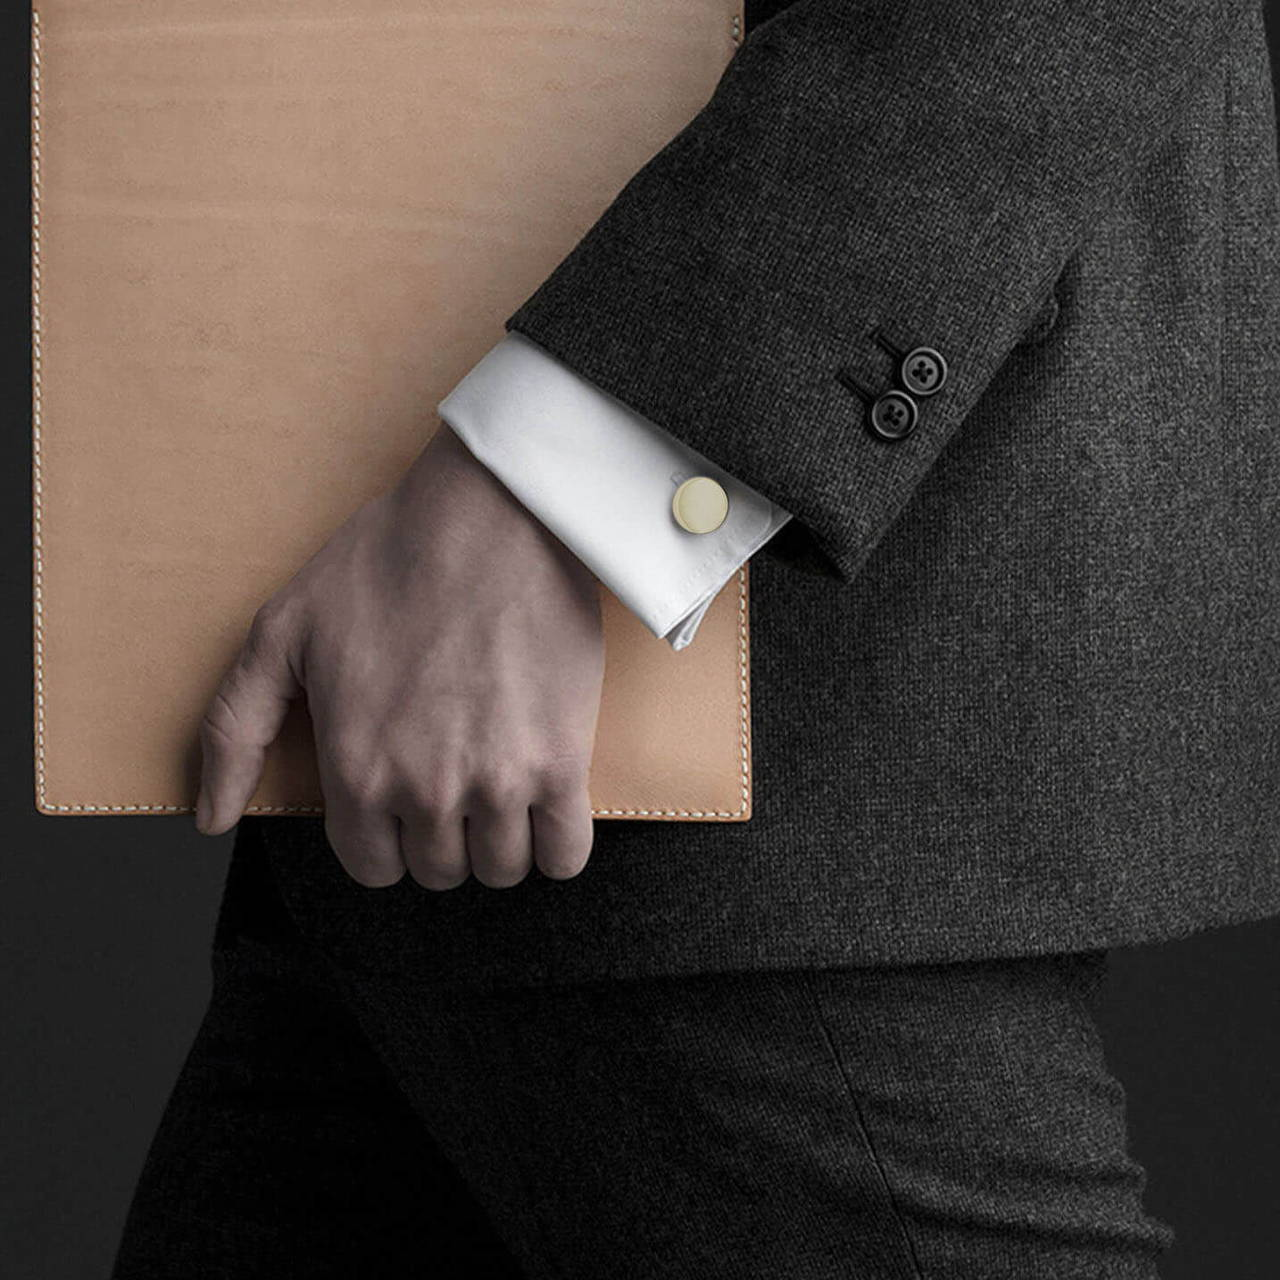 Polished Brass Cufflink worn